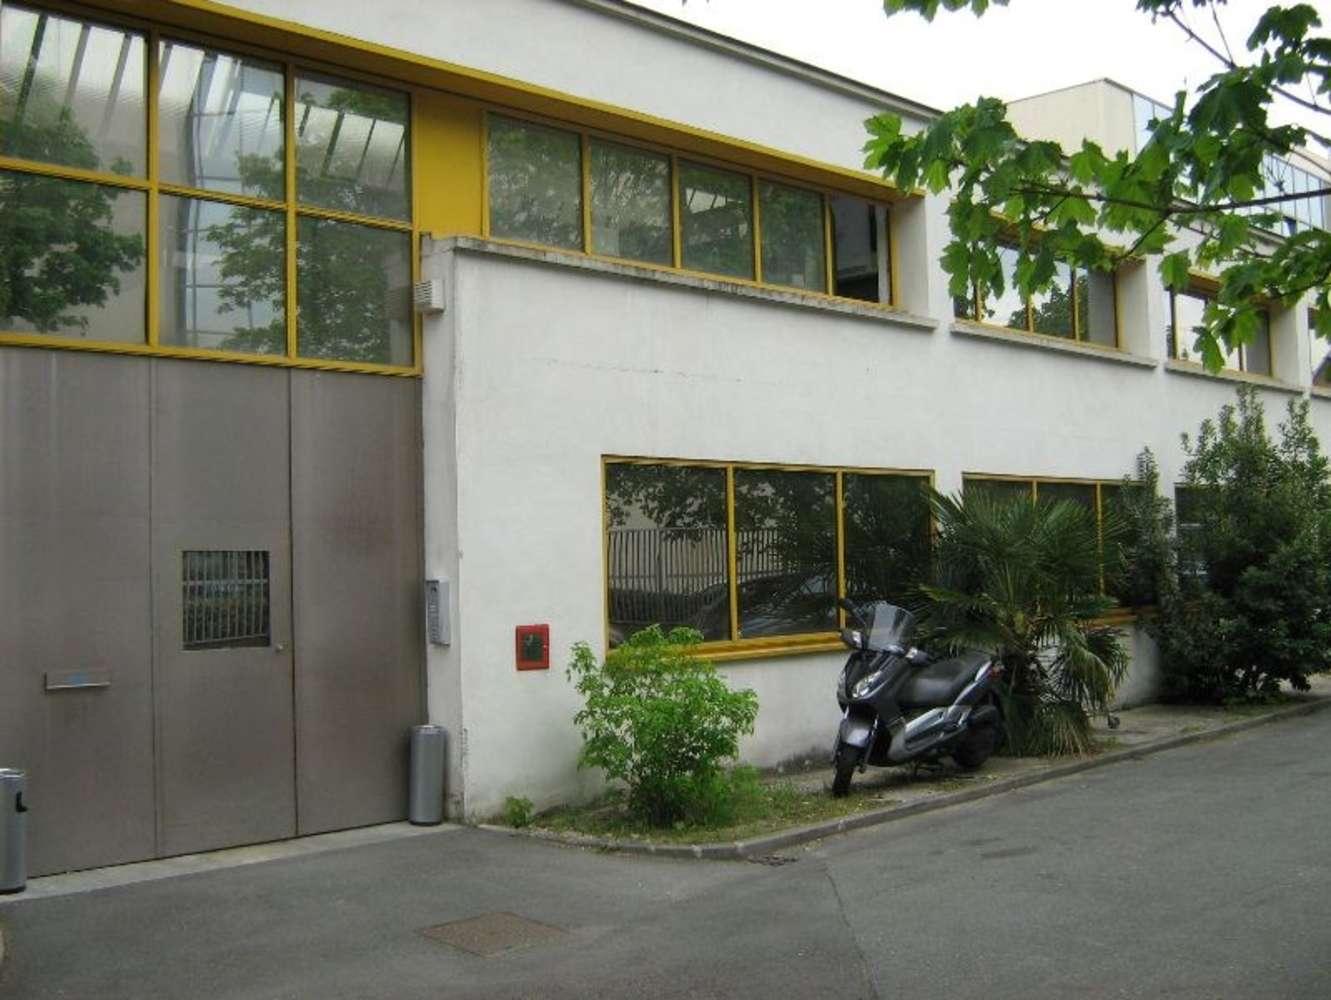 Activités/entrepôt Courbevoie, 92400 - 47-55 AVENUE DE L'EUROPE - 9445217